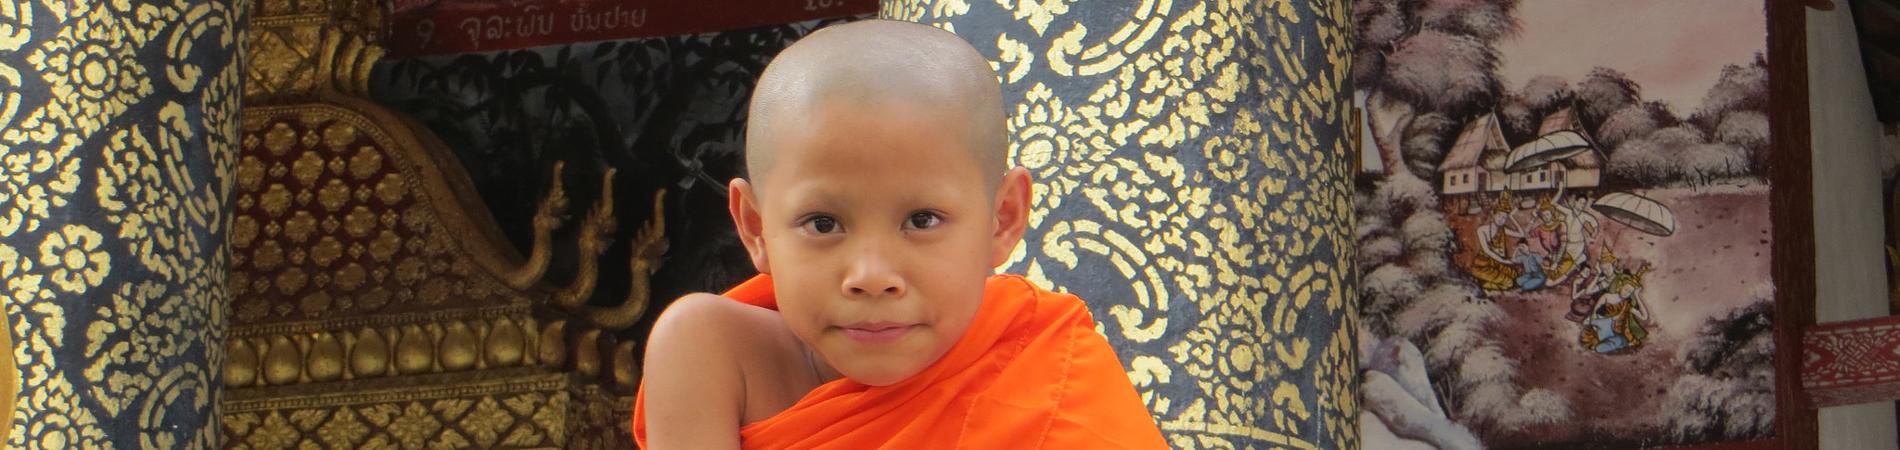 Marco LAO monk header